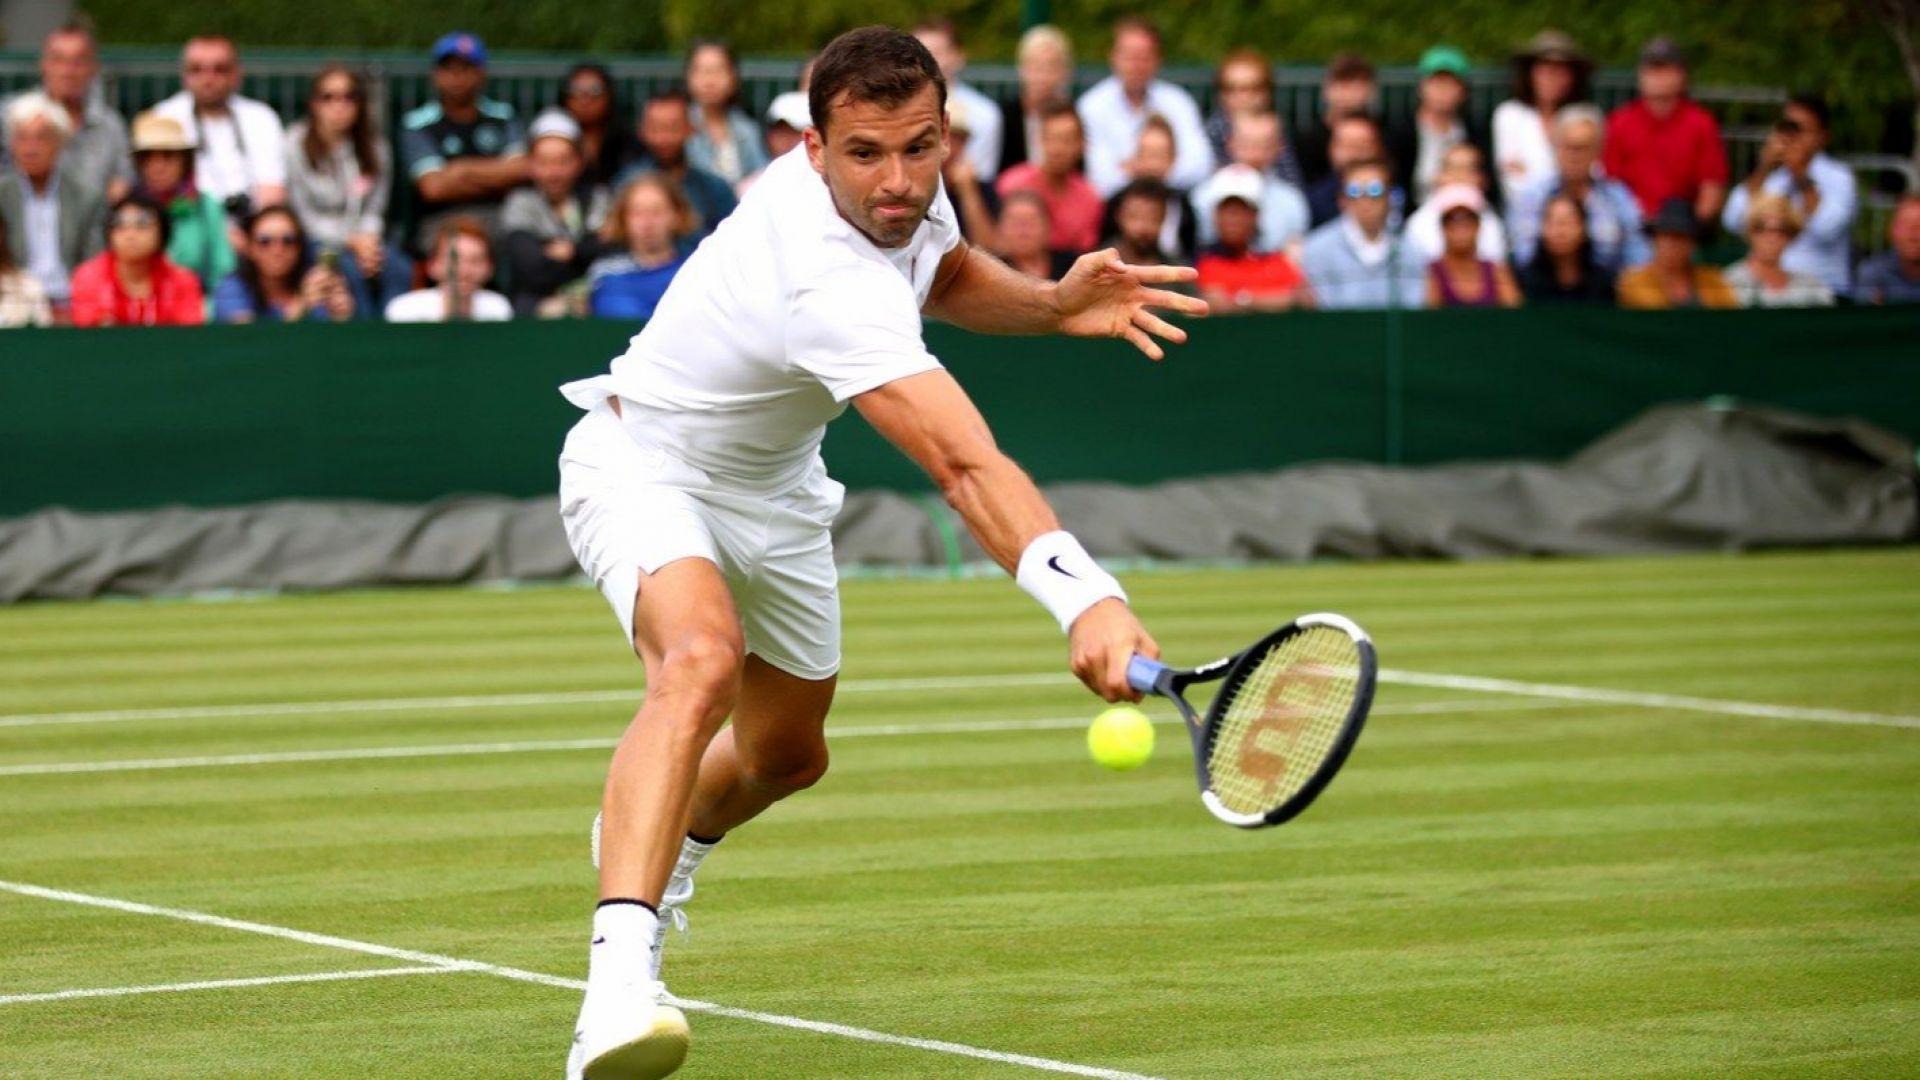 Григор се похвали, че тренира усилено с олимпийски шампион